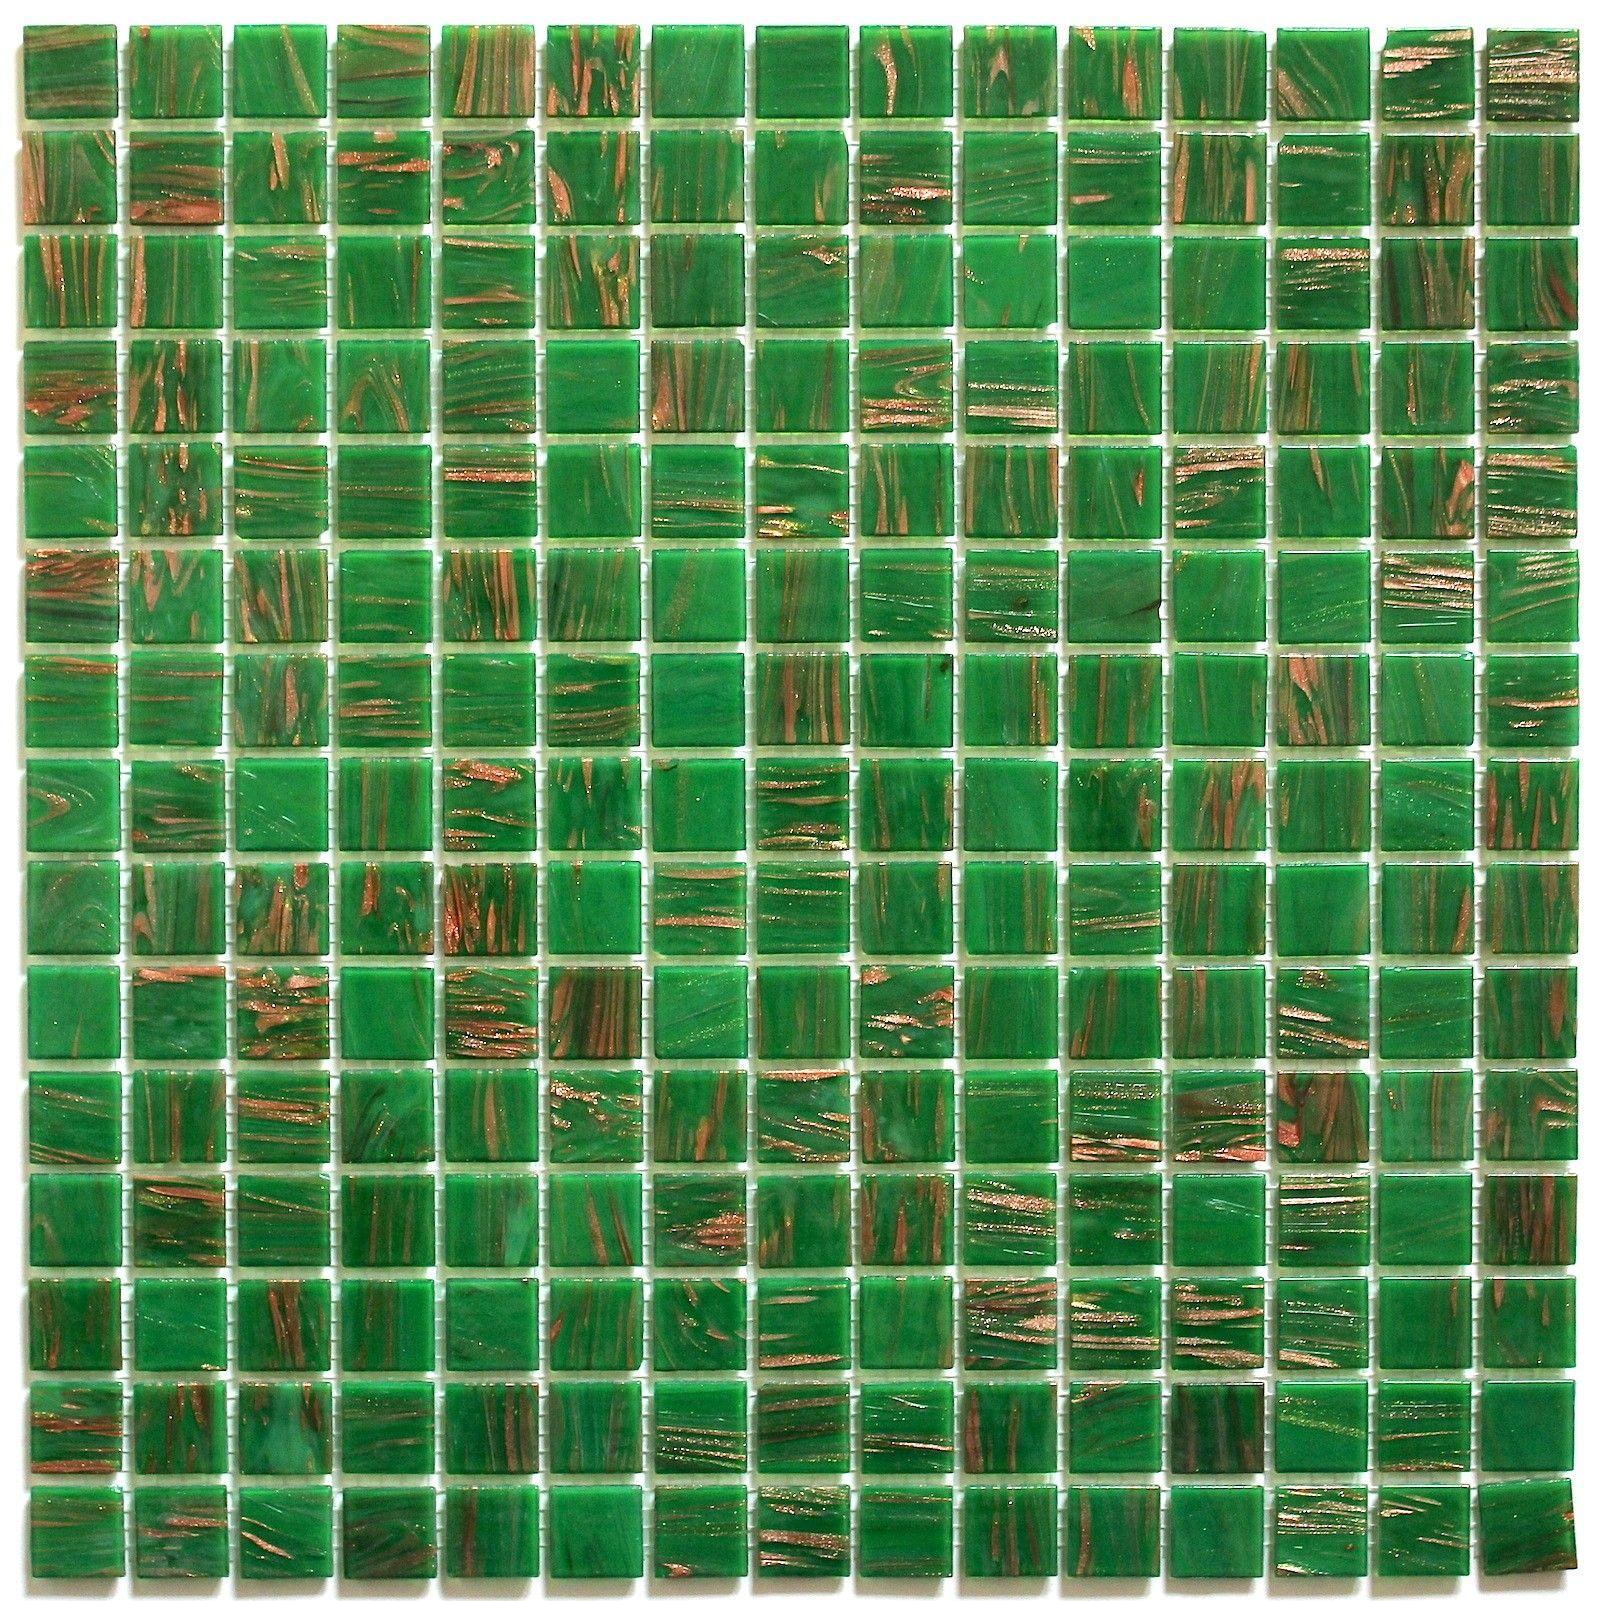 mosaique pate de verre pas cher vitro-vert 5,50 € https://carrelage